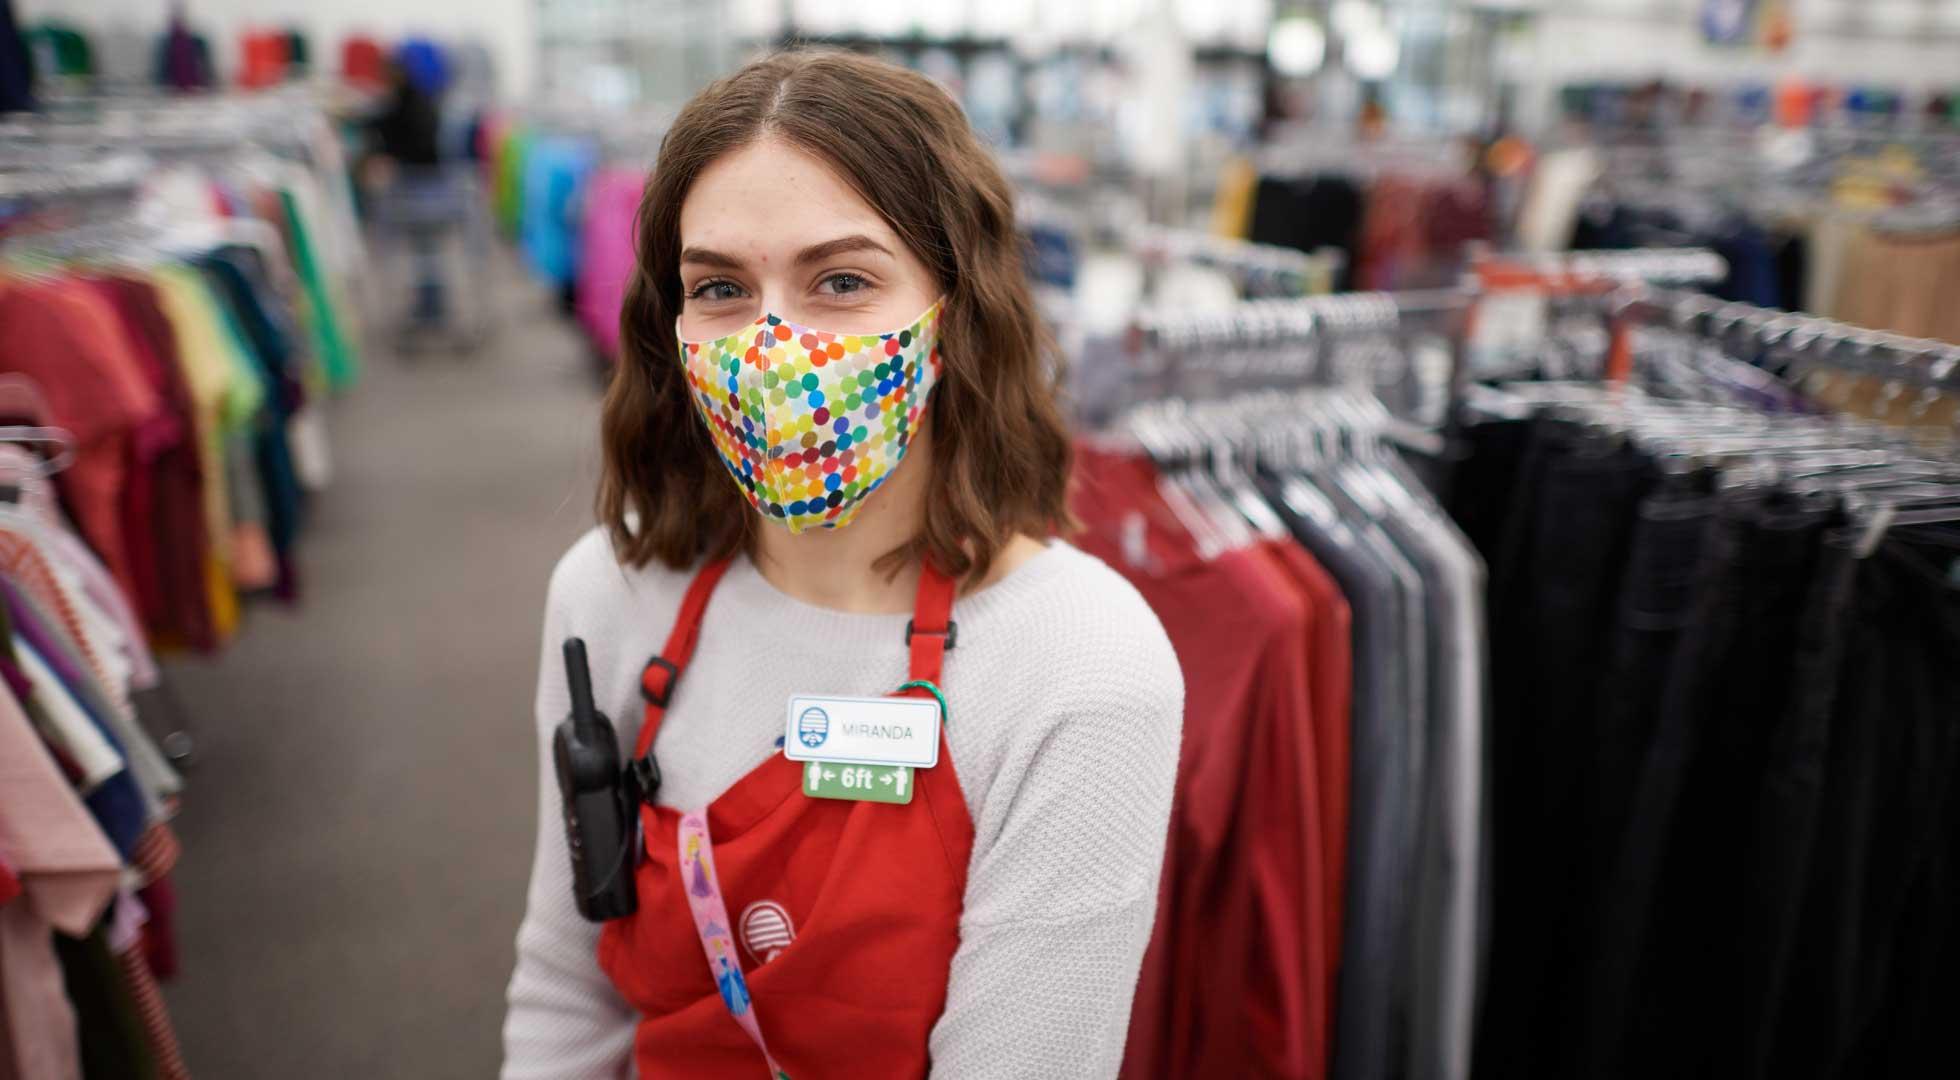 A female associate in a mask.